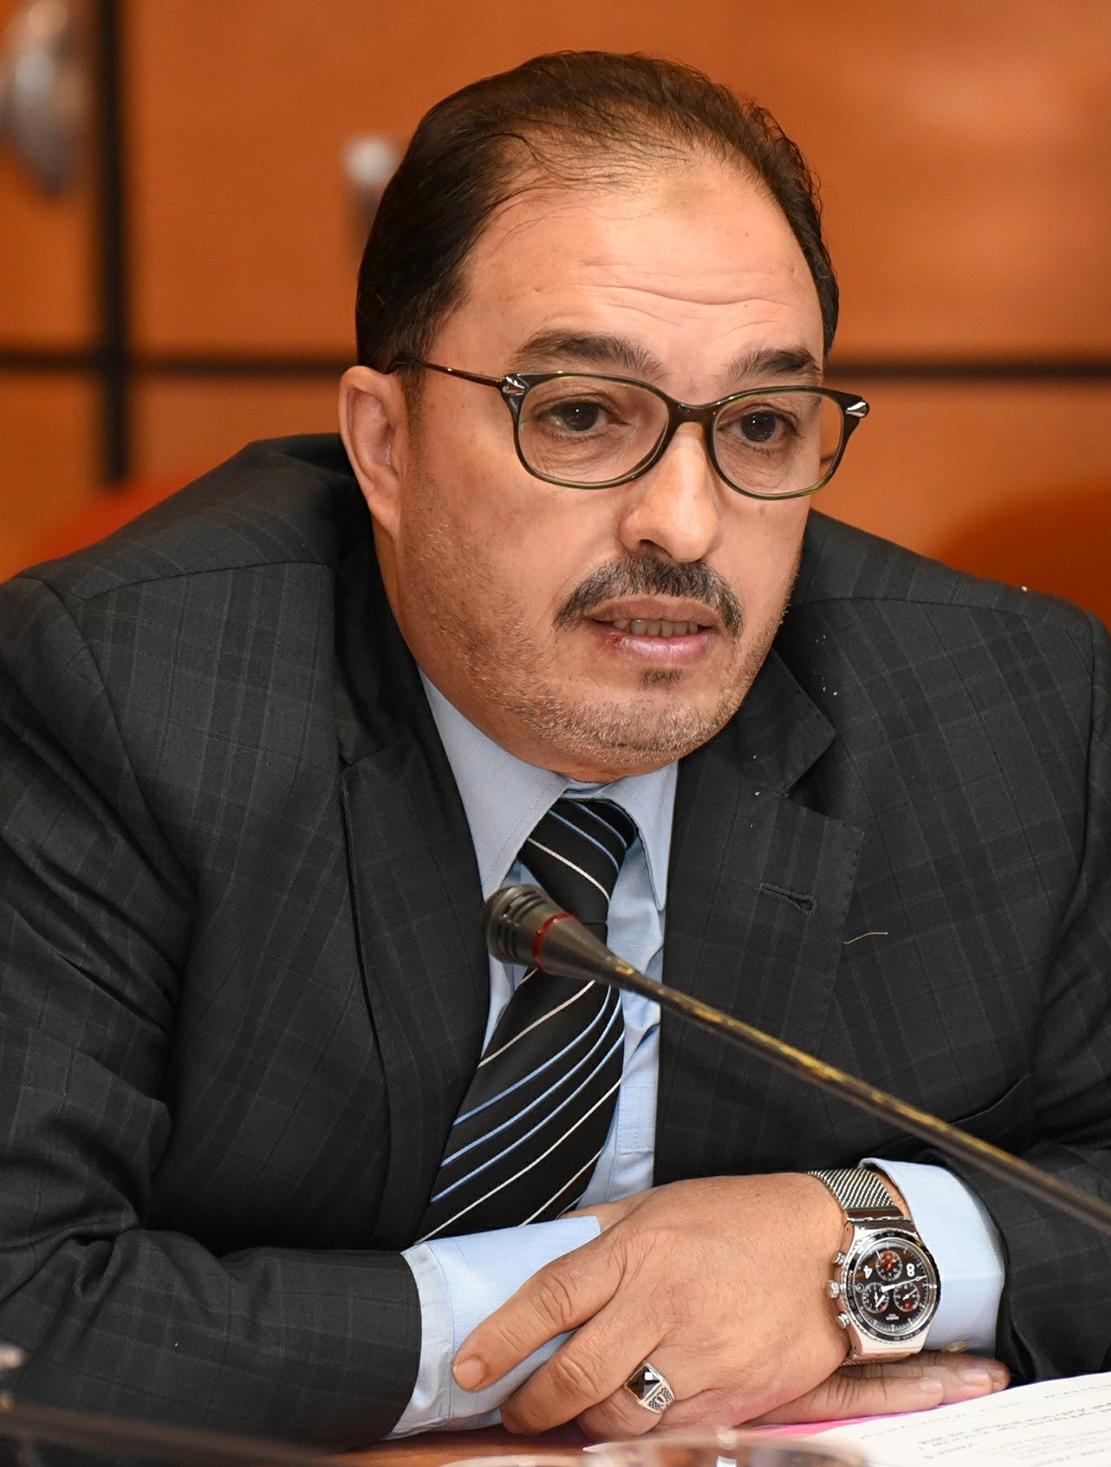 الاخ عبد الغني جناح : غياب سياسات حكومية جادة في مجال التشغيل تدفع الشباب المغاربة نحو الهجرة